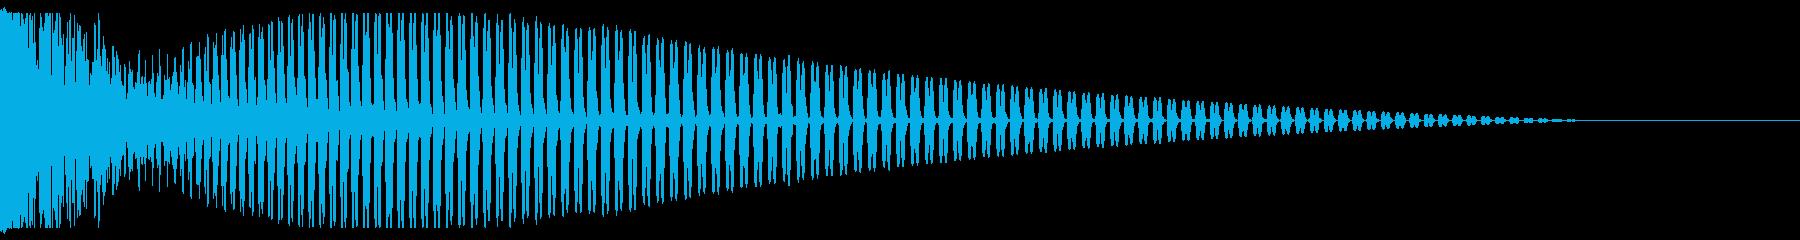 バーン(打楽器を強く叩きつける音)の再生済みの波形